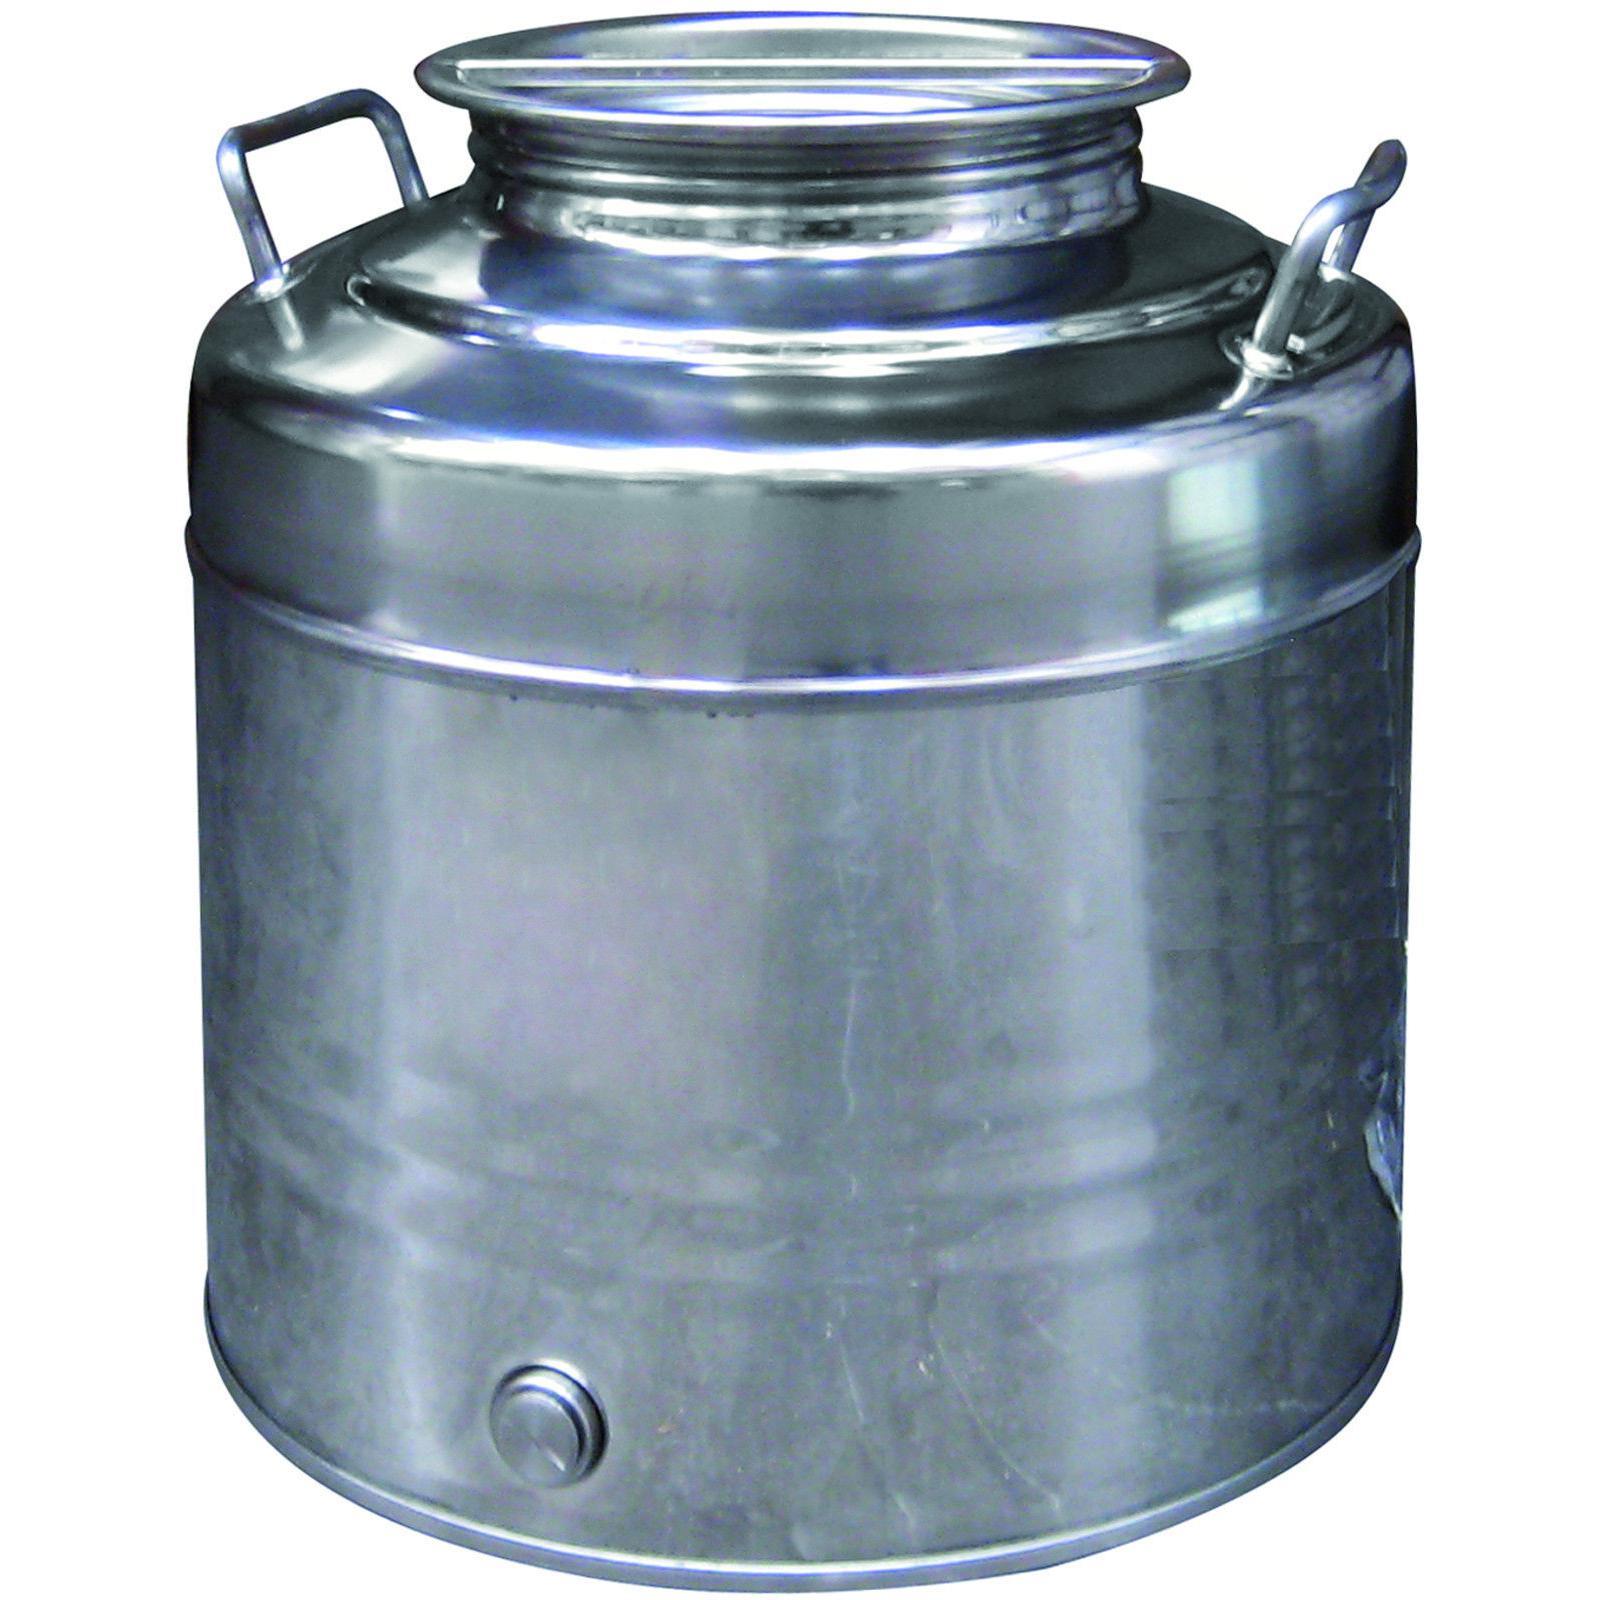 Contenitore fusto olio acciaio inox alimentare Maffei serie Fusto 50 lt bidone